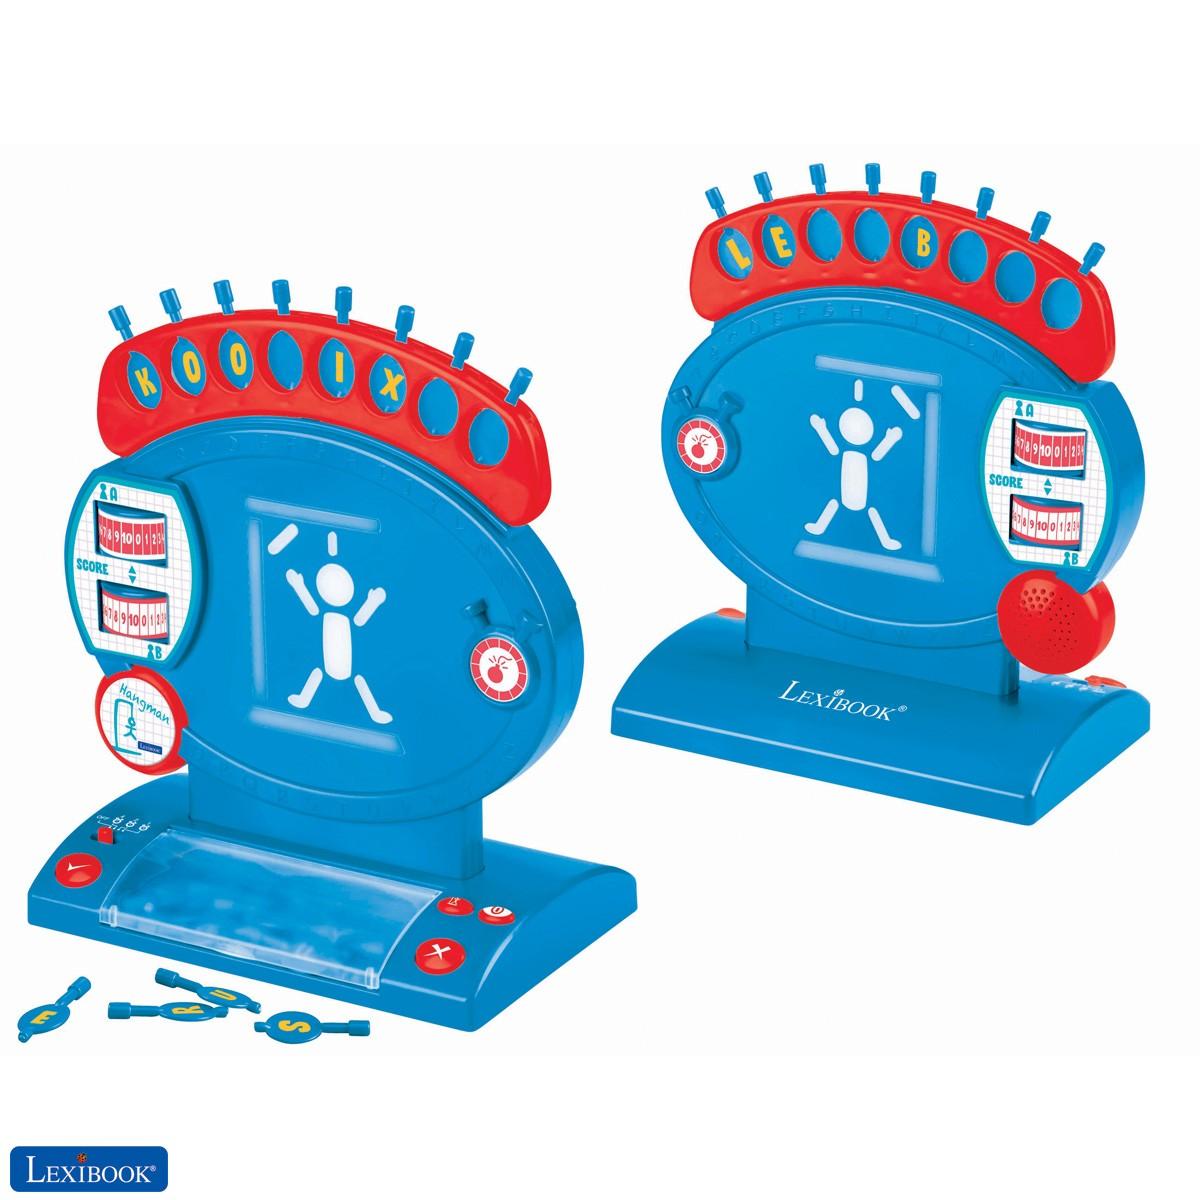 Elektronisches Galgenmännchen Hangman-Spiel